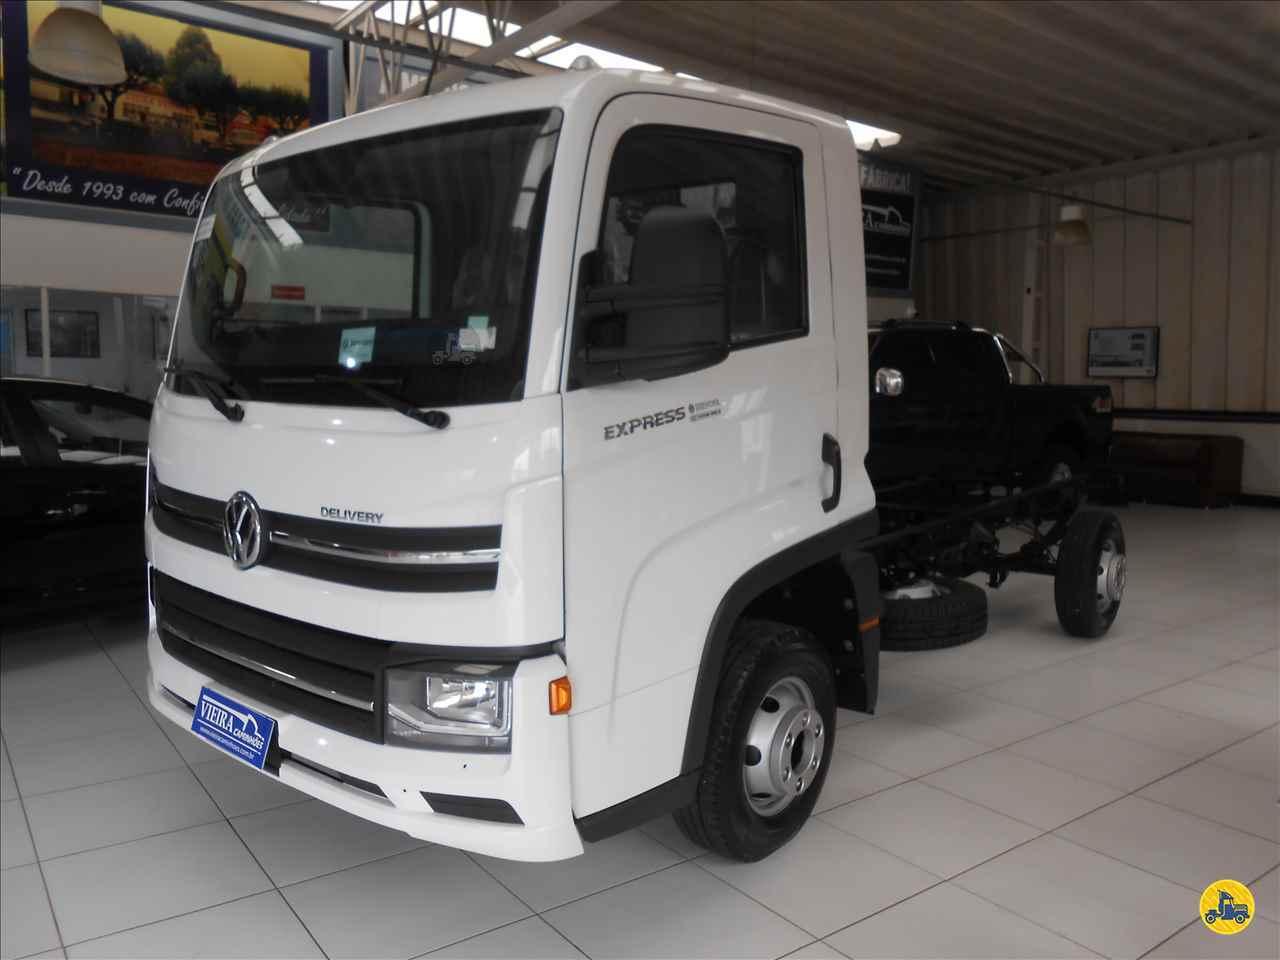 CAMINHAO VOLKSWAGEN DELIVERY EXPRESS Chassis 3/4 4x2 Vieira Caminhões CURITIBA PARANÁ PR